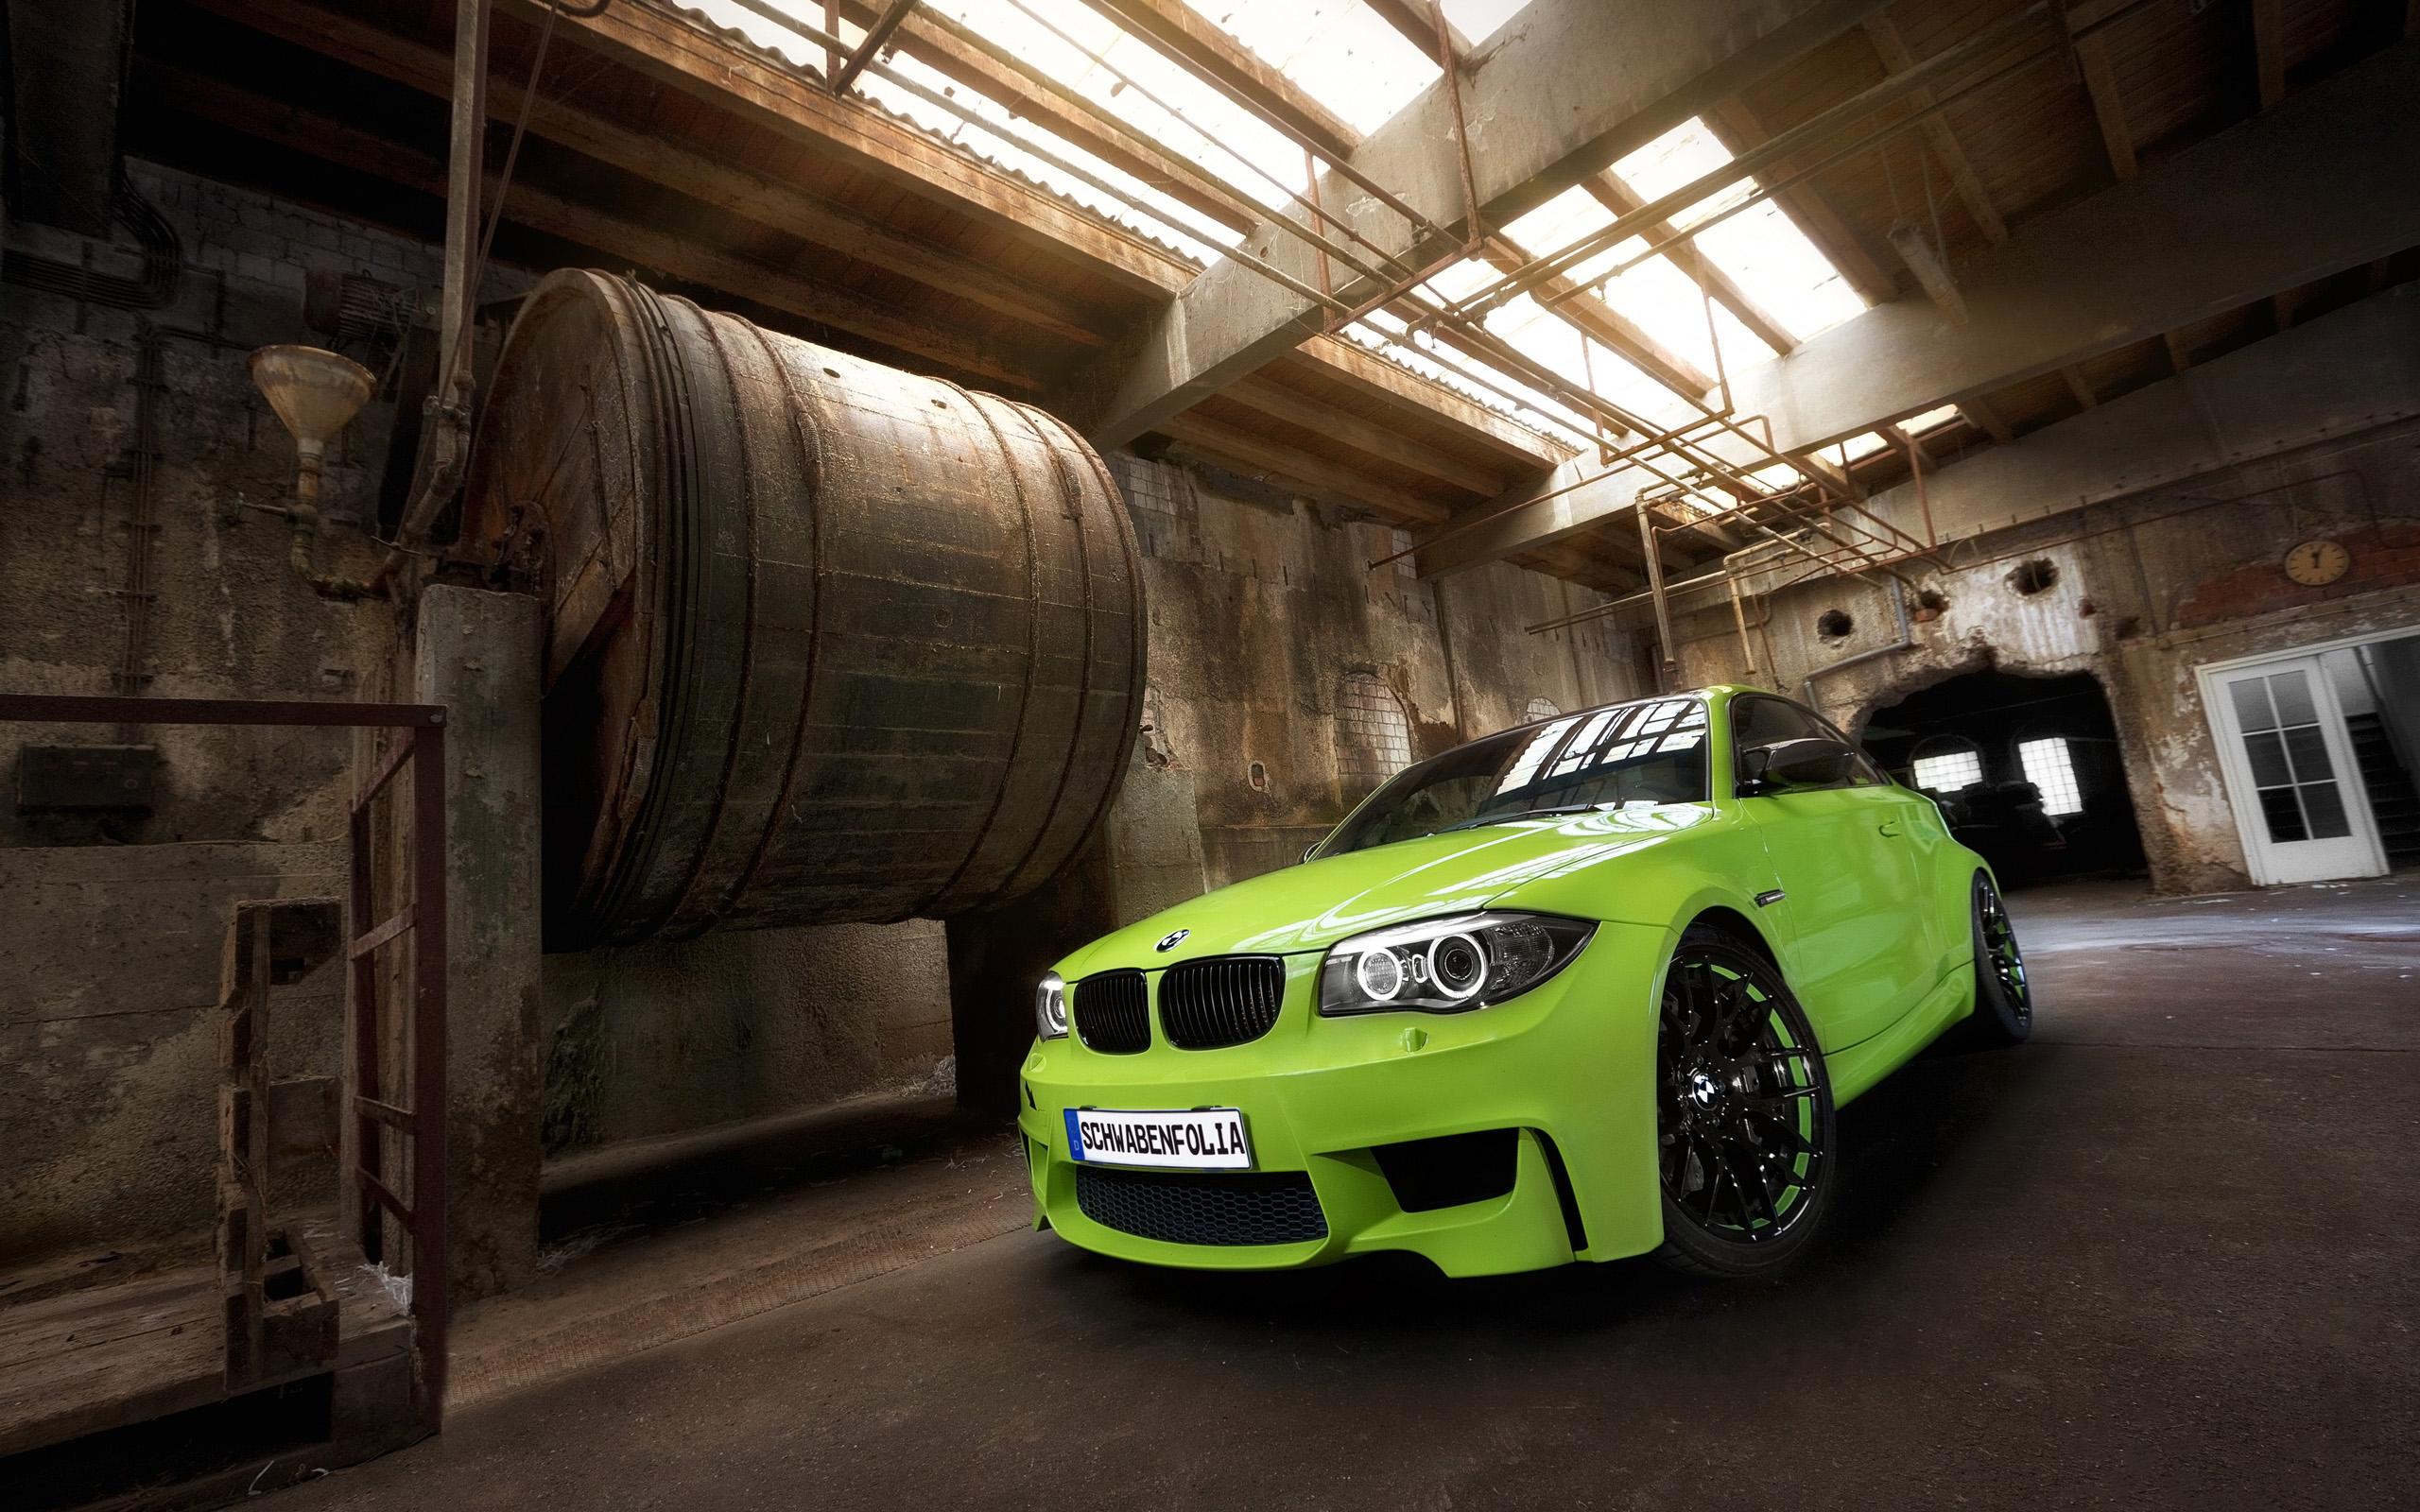 BMW 1 Series M Coupe By SchwabenFolia 2 Wallpaper | HD Car ...